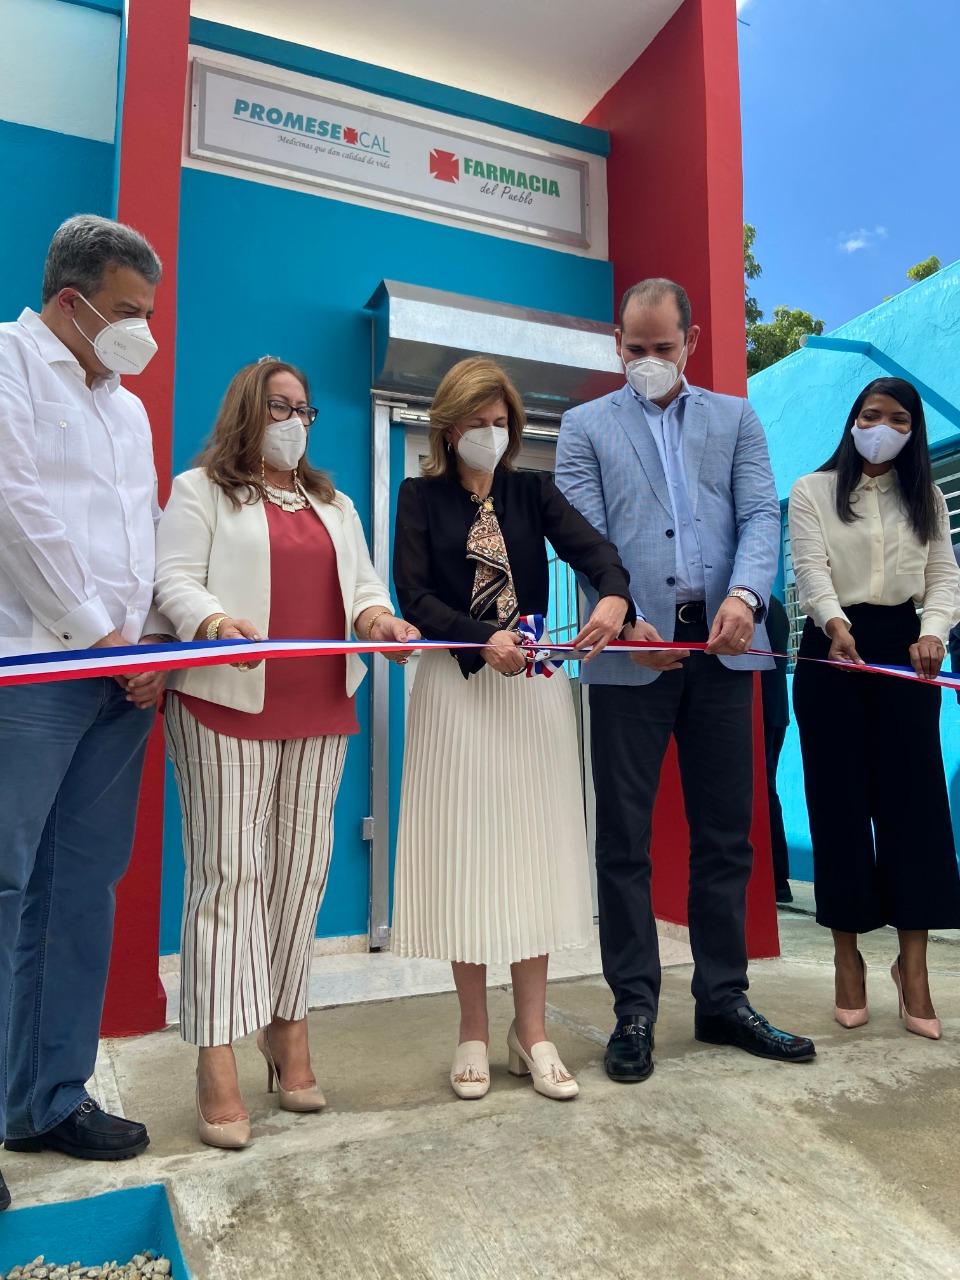 Promese/Cal inaugura  farmacias en Santiago